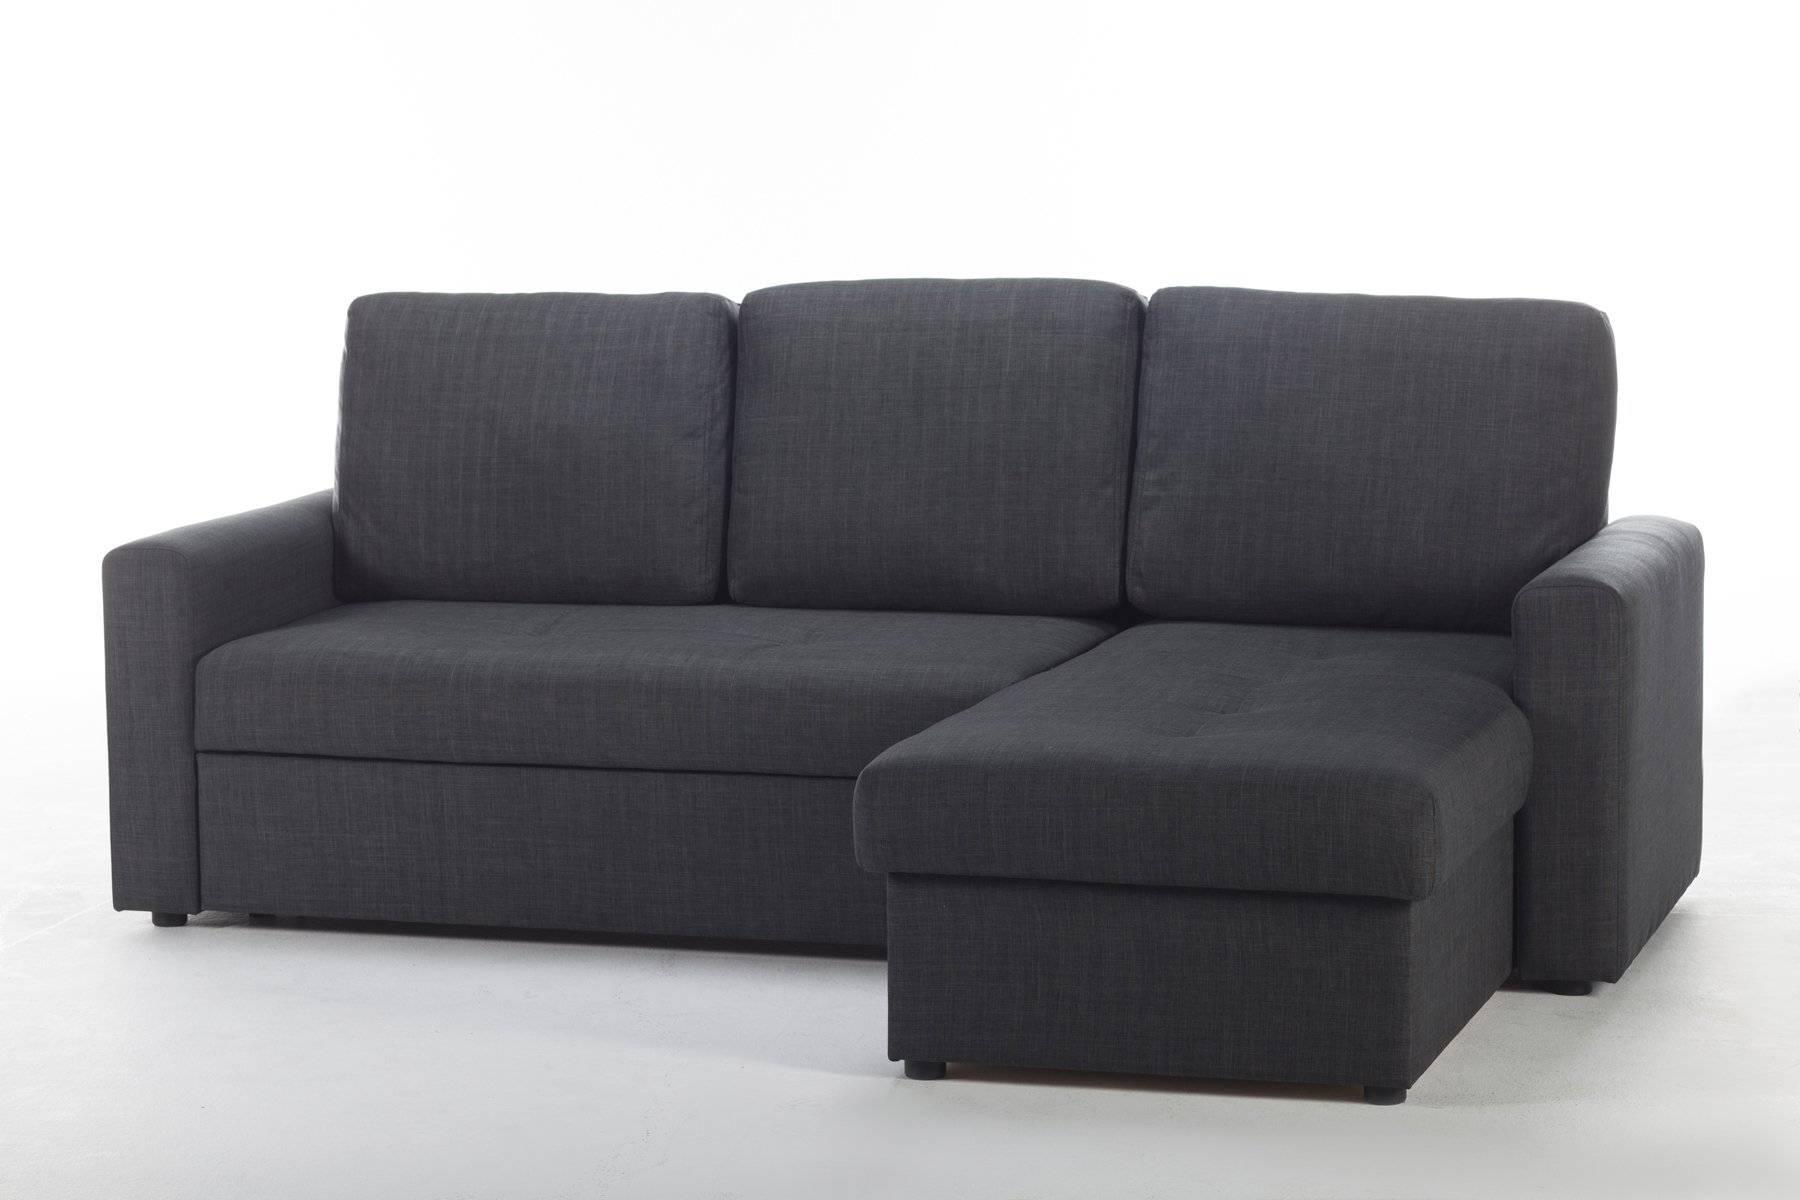 Fethiye Dark Grey Fabric Sectional Sofasunset inside Fabric Sectional Sofa (Image 11 of 30)